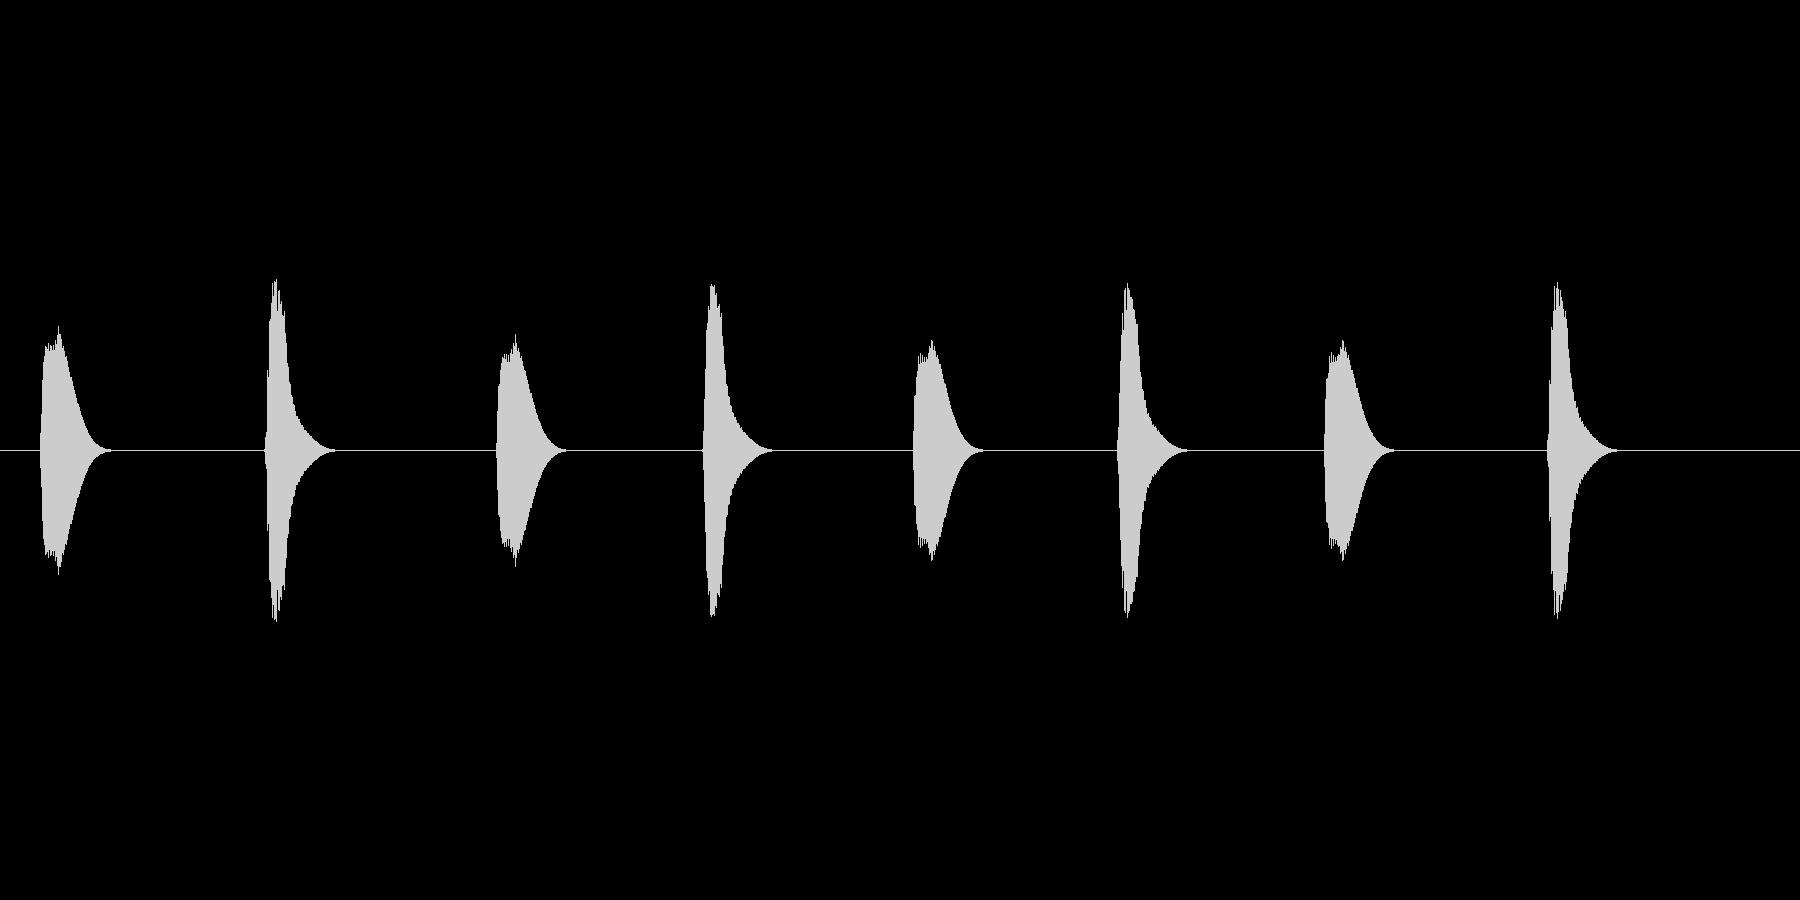 【足音】コミカル 丸みのある非現実系の未再生の波形